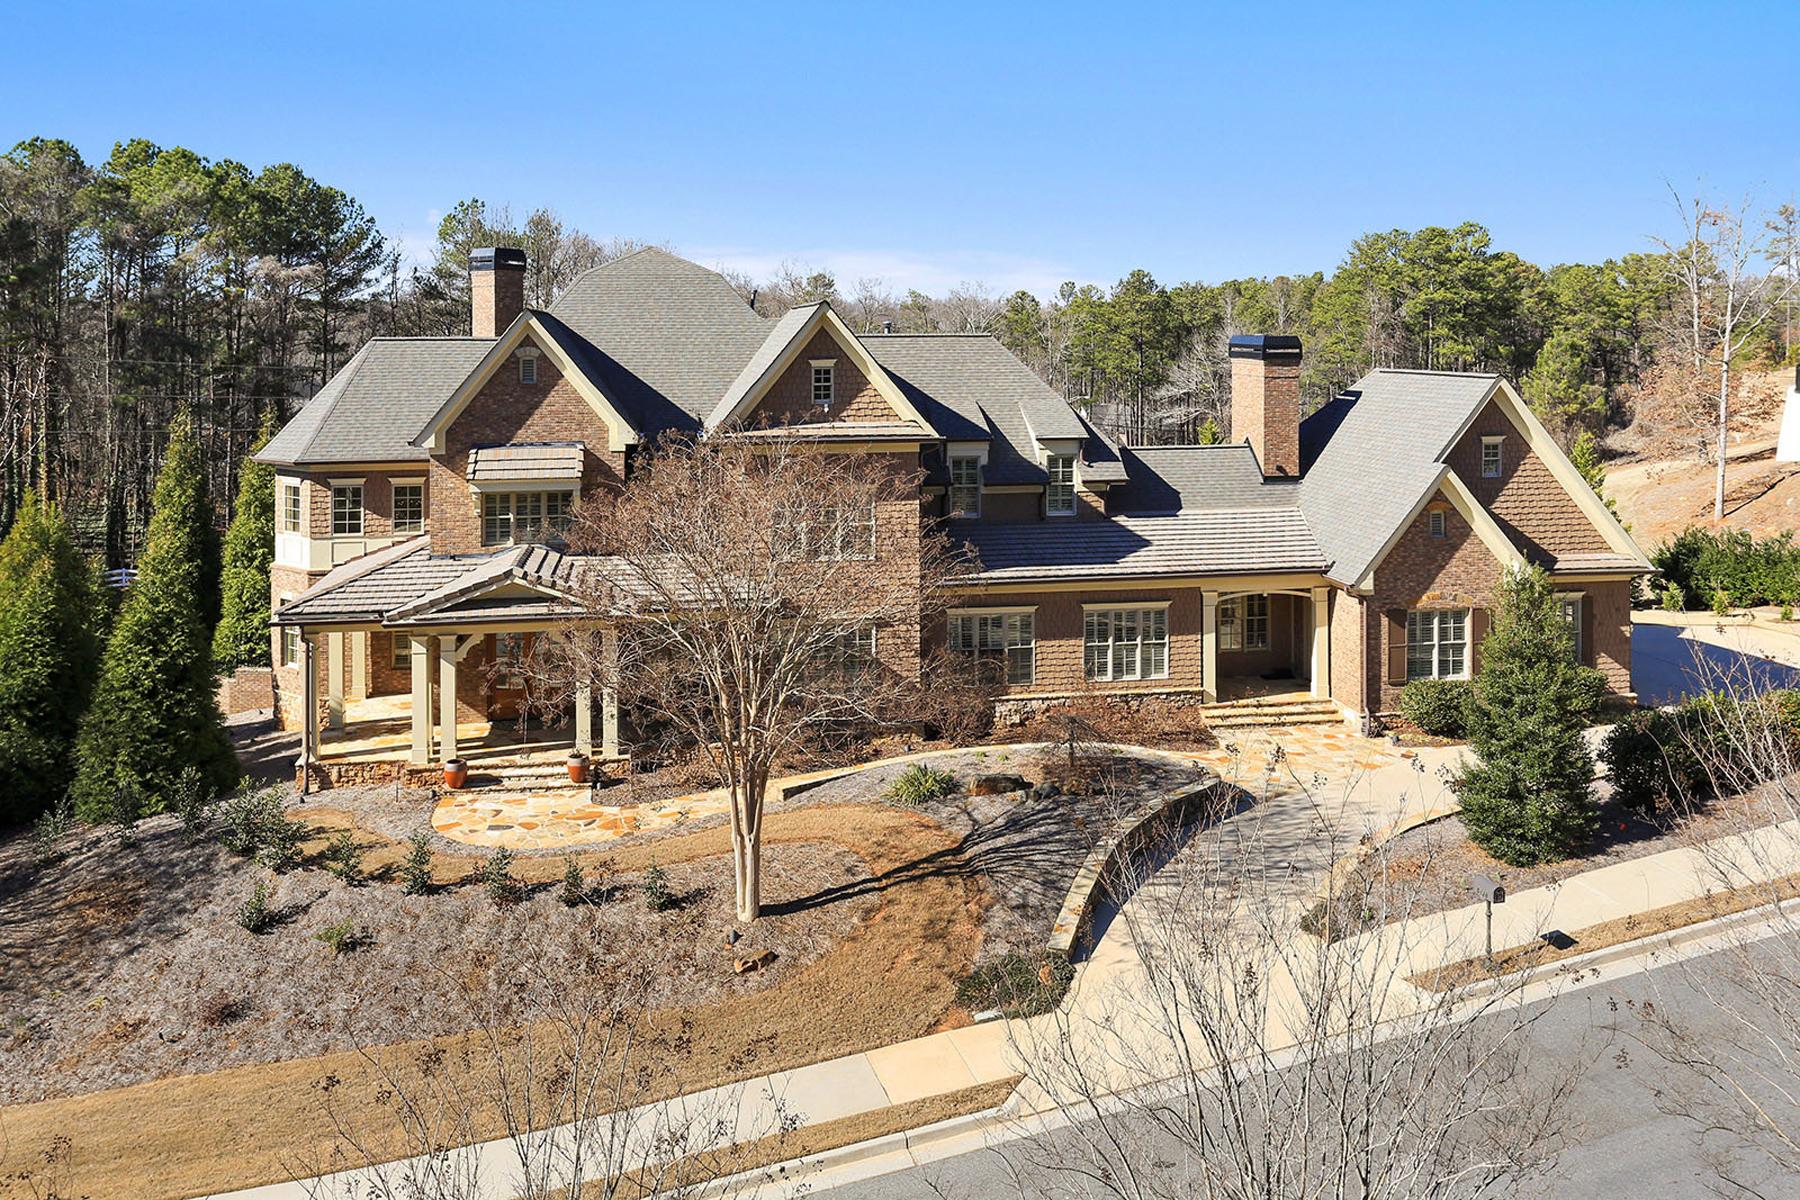 一戸建て のために 売買 アット Stunning Home On Resort-Like Setting 5128 Pindos Pass Powder Springs, ジョージア, 30127 アメリカ合衆国